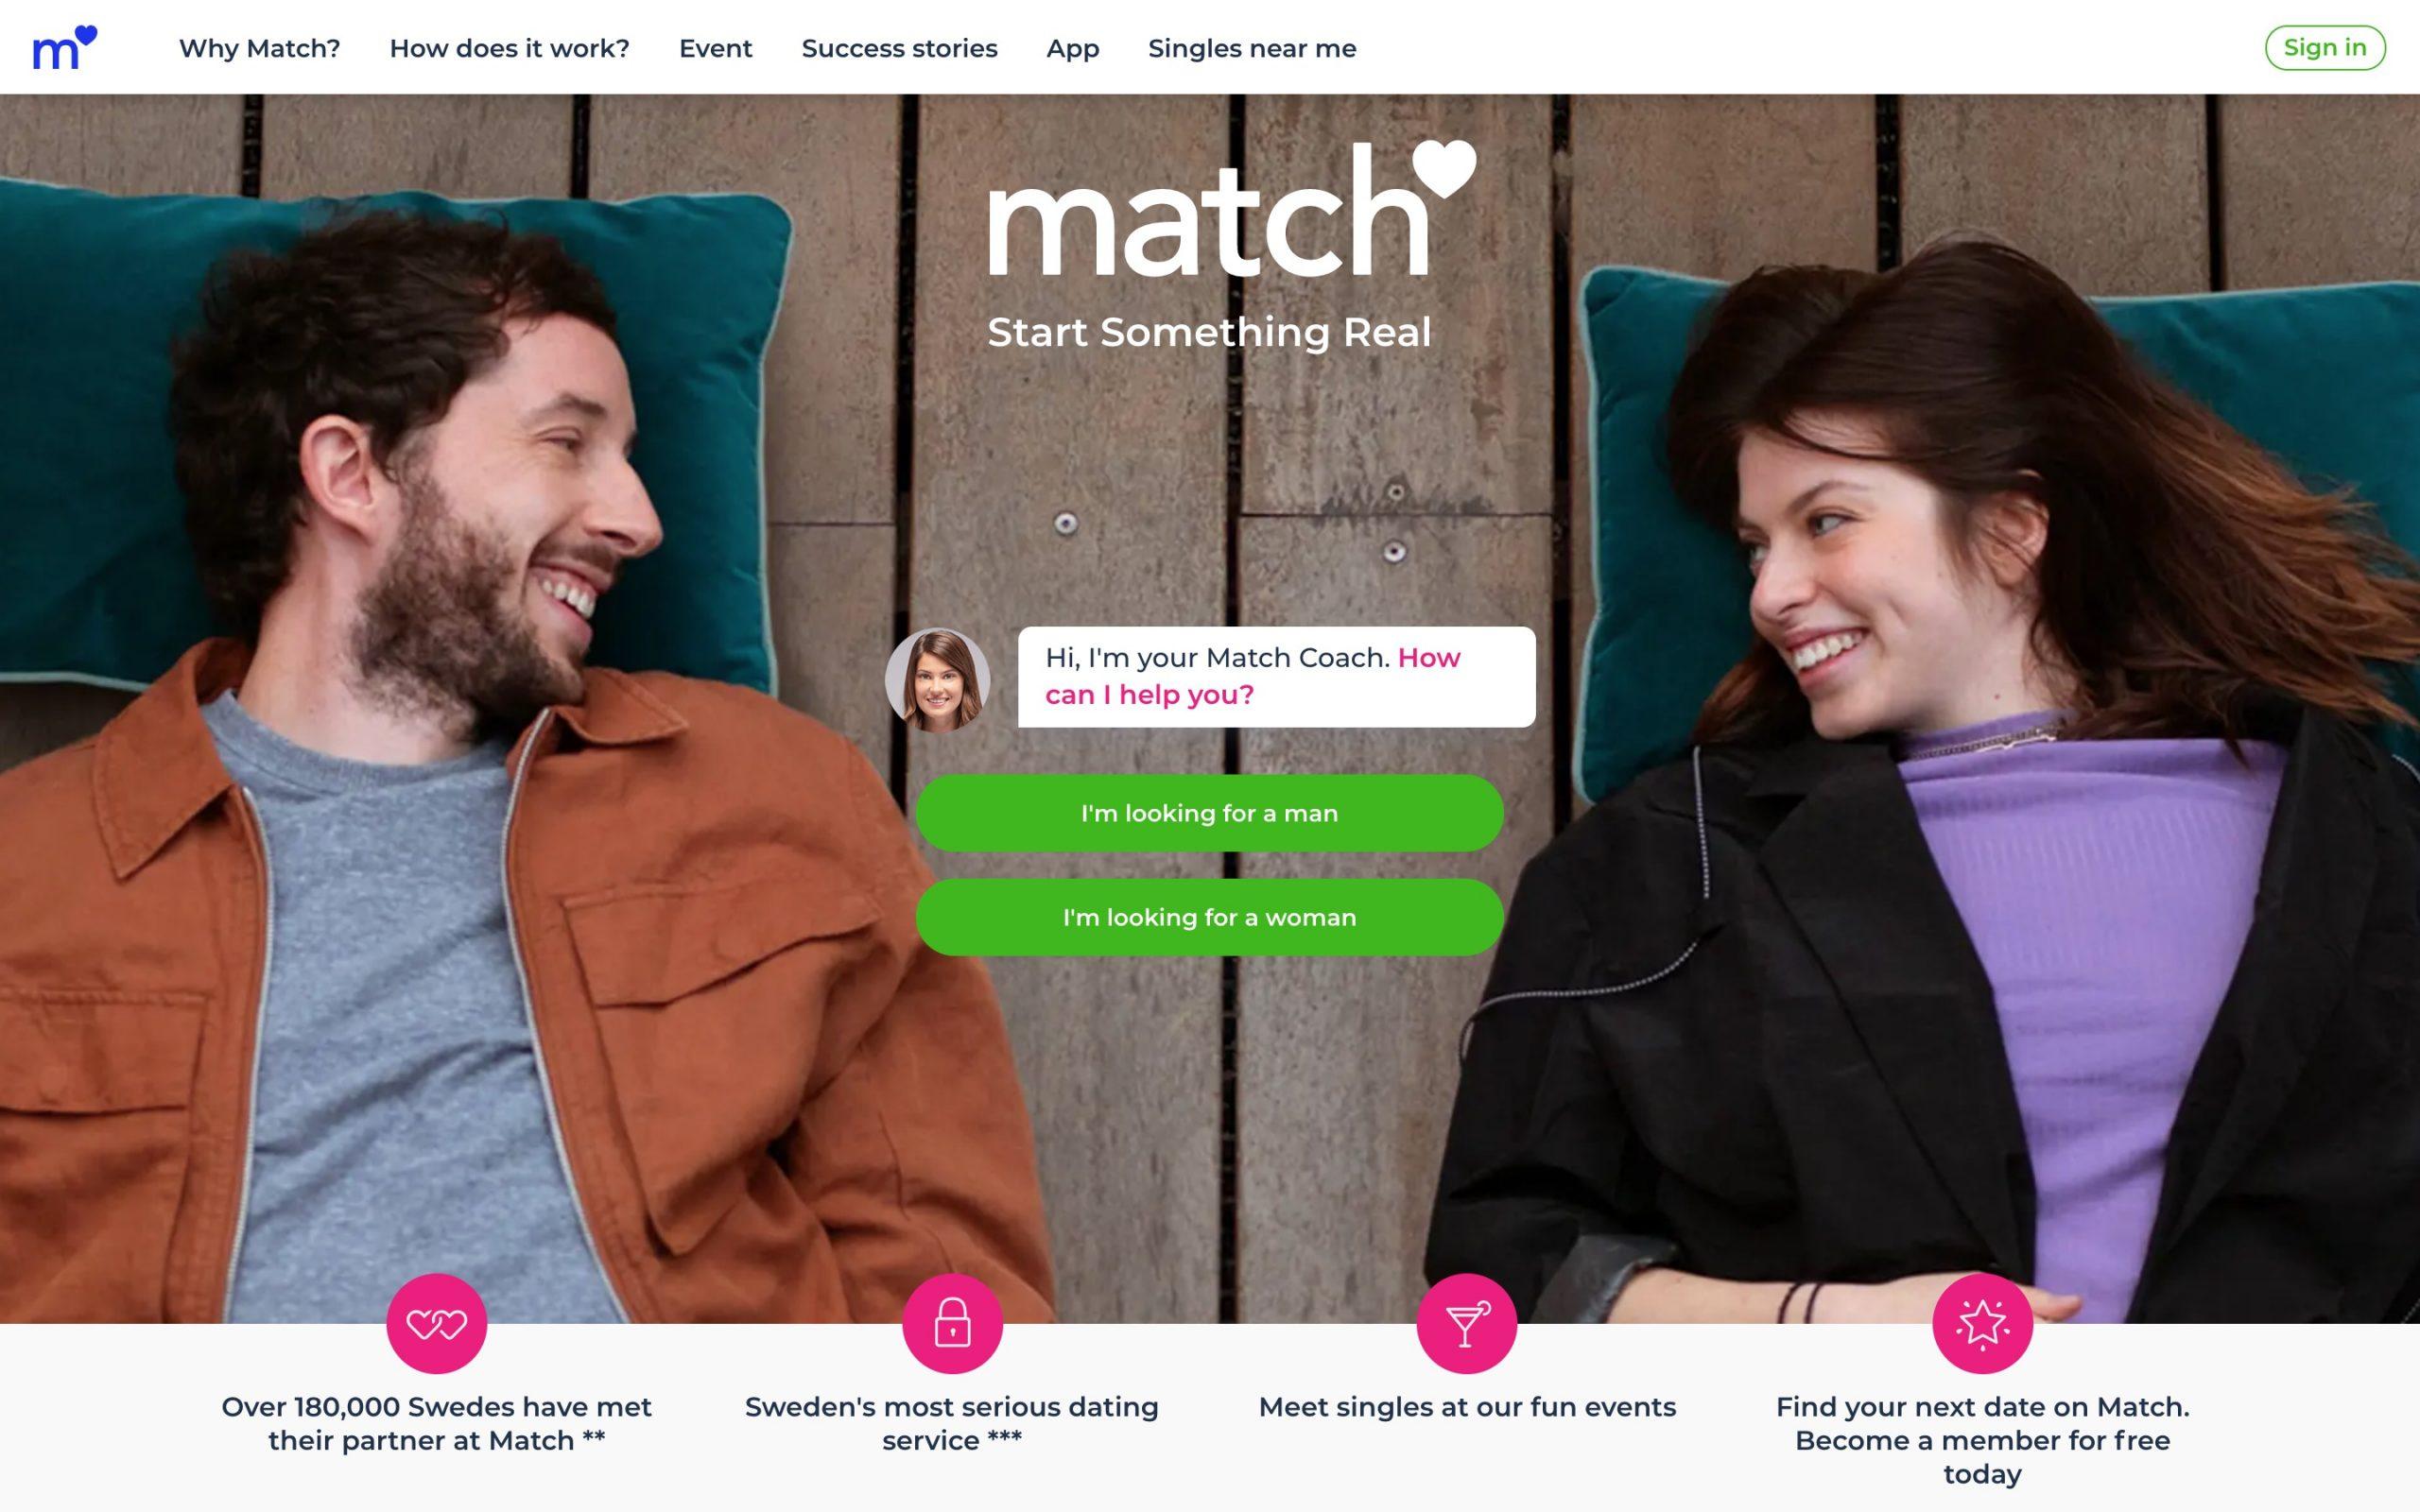 se.Match main page